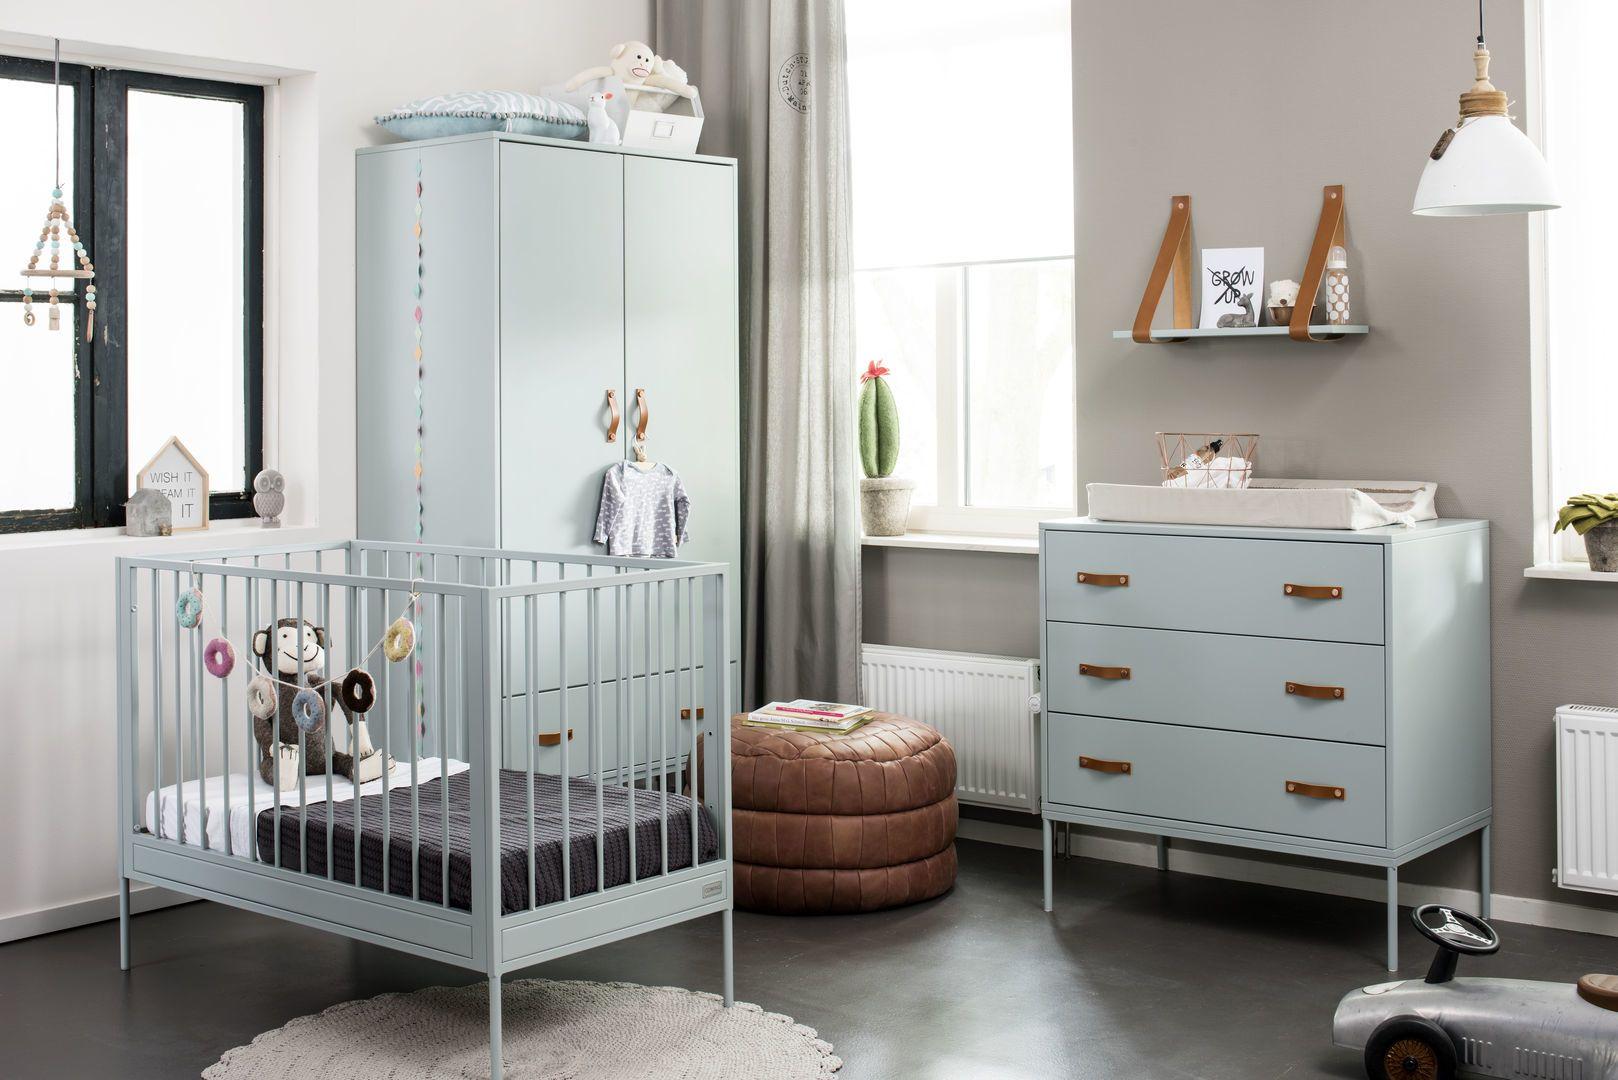 Interieur van de babykamer: de trends van nu! - KraamZus.nl